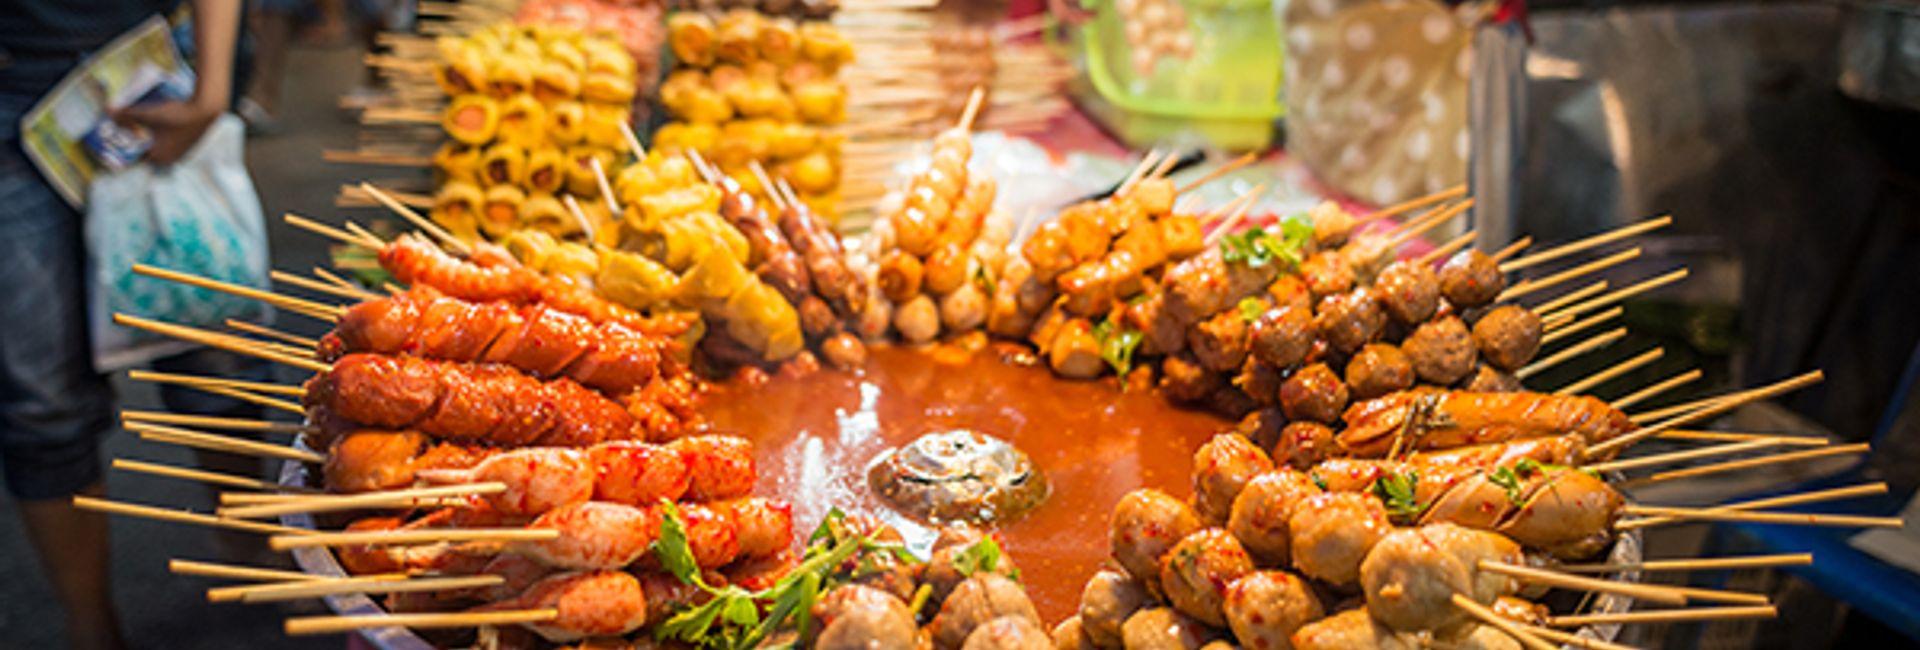 Top 9 món ăn ngon nhất bạn nên thử khi đến Campuchia